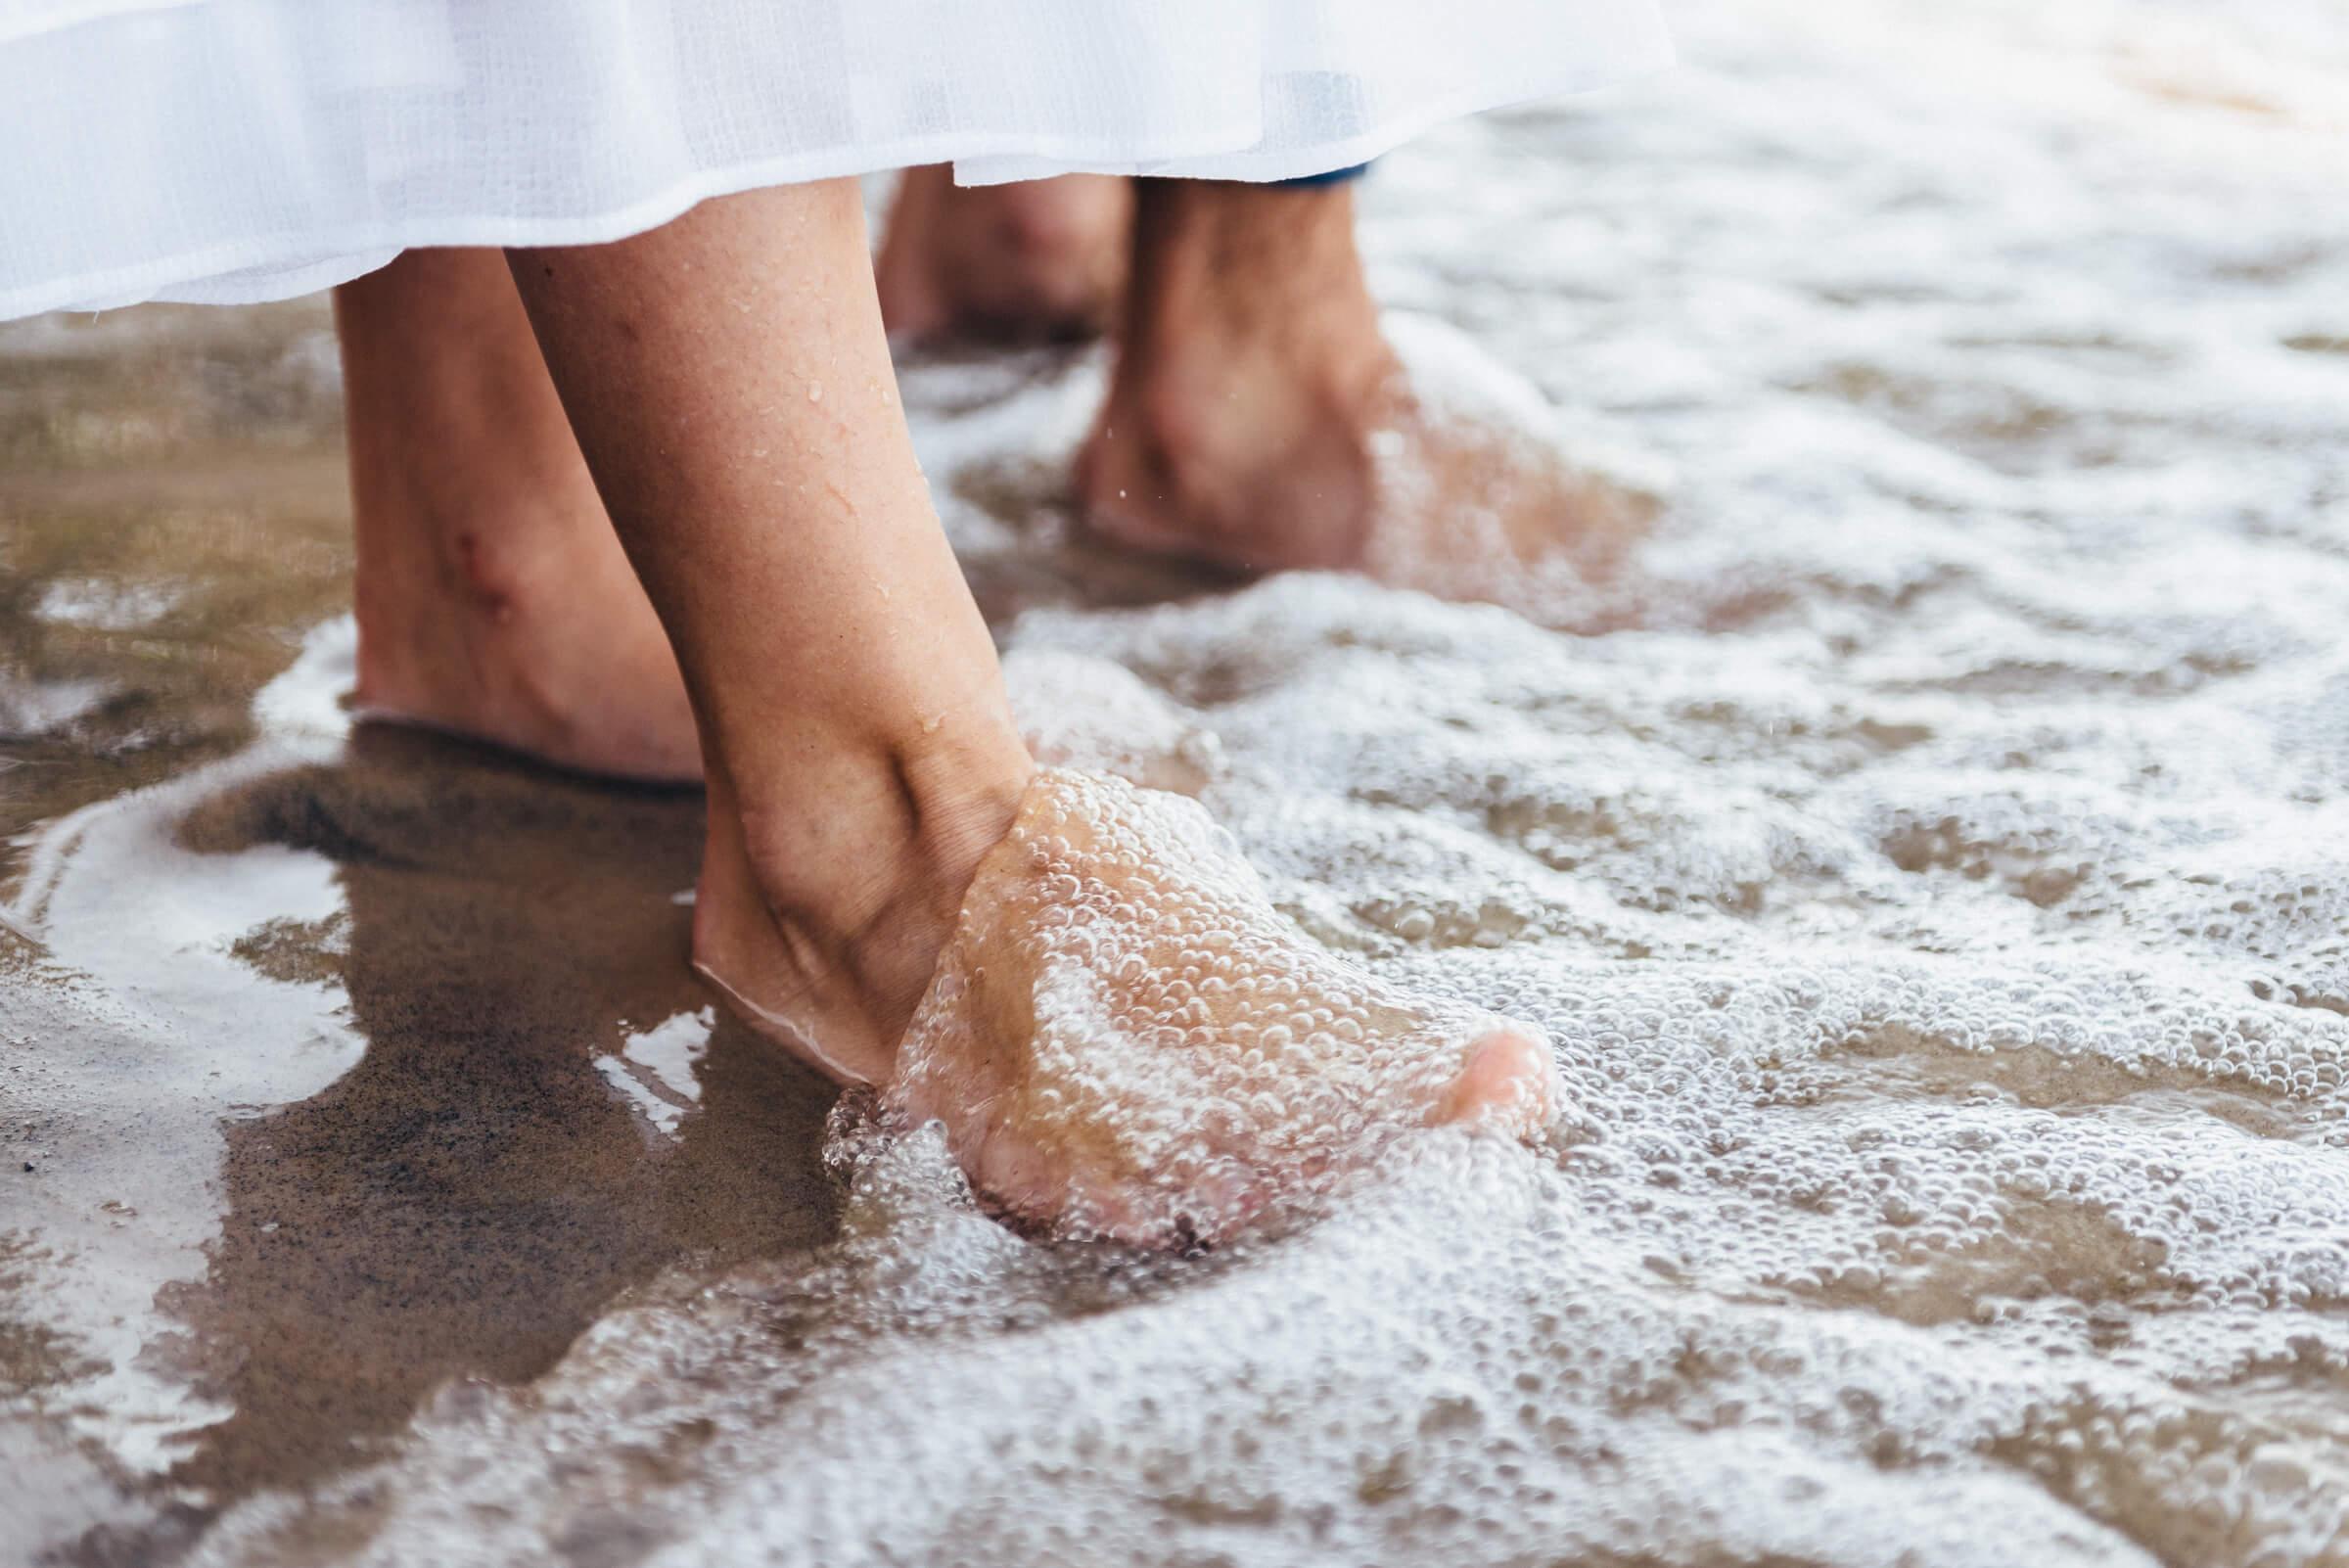 Thalassotherapie maakt gebruik van al het goede van de zee als zeewater, modder, zouten en algen voor ontspanning en behandeling. Ervaar de weldadige werking van een thalasso gezondheidsvakantie op lichaam en geest in een spa resort aan zee